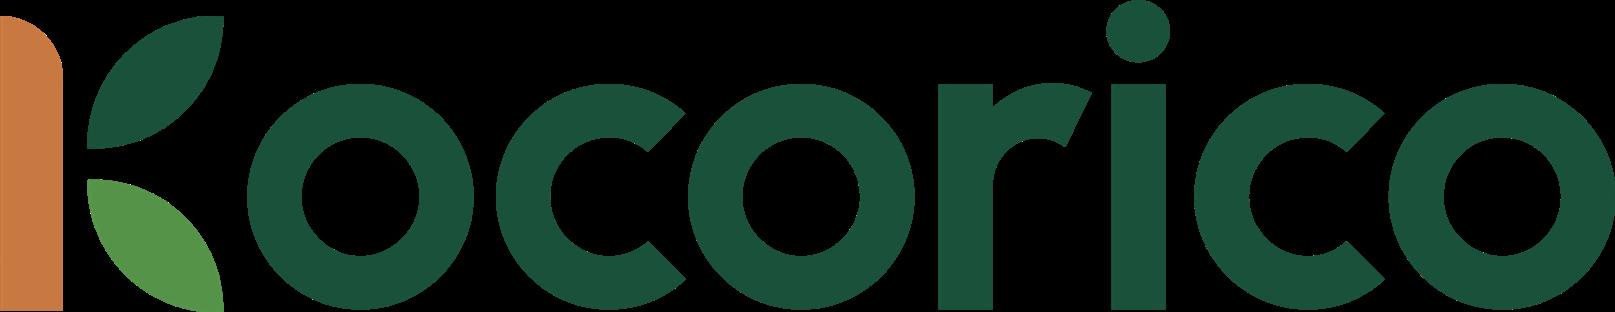 Kocorico